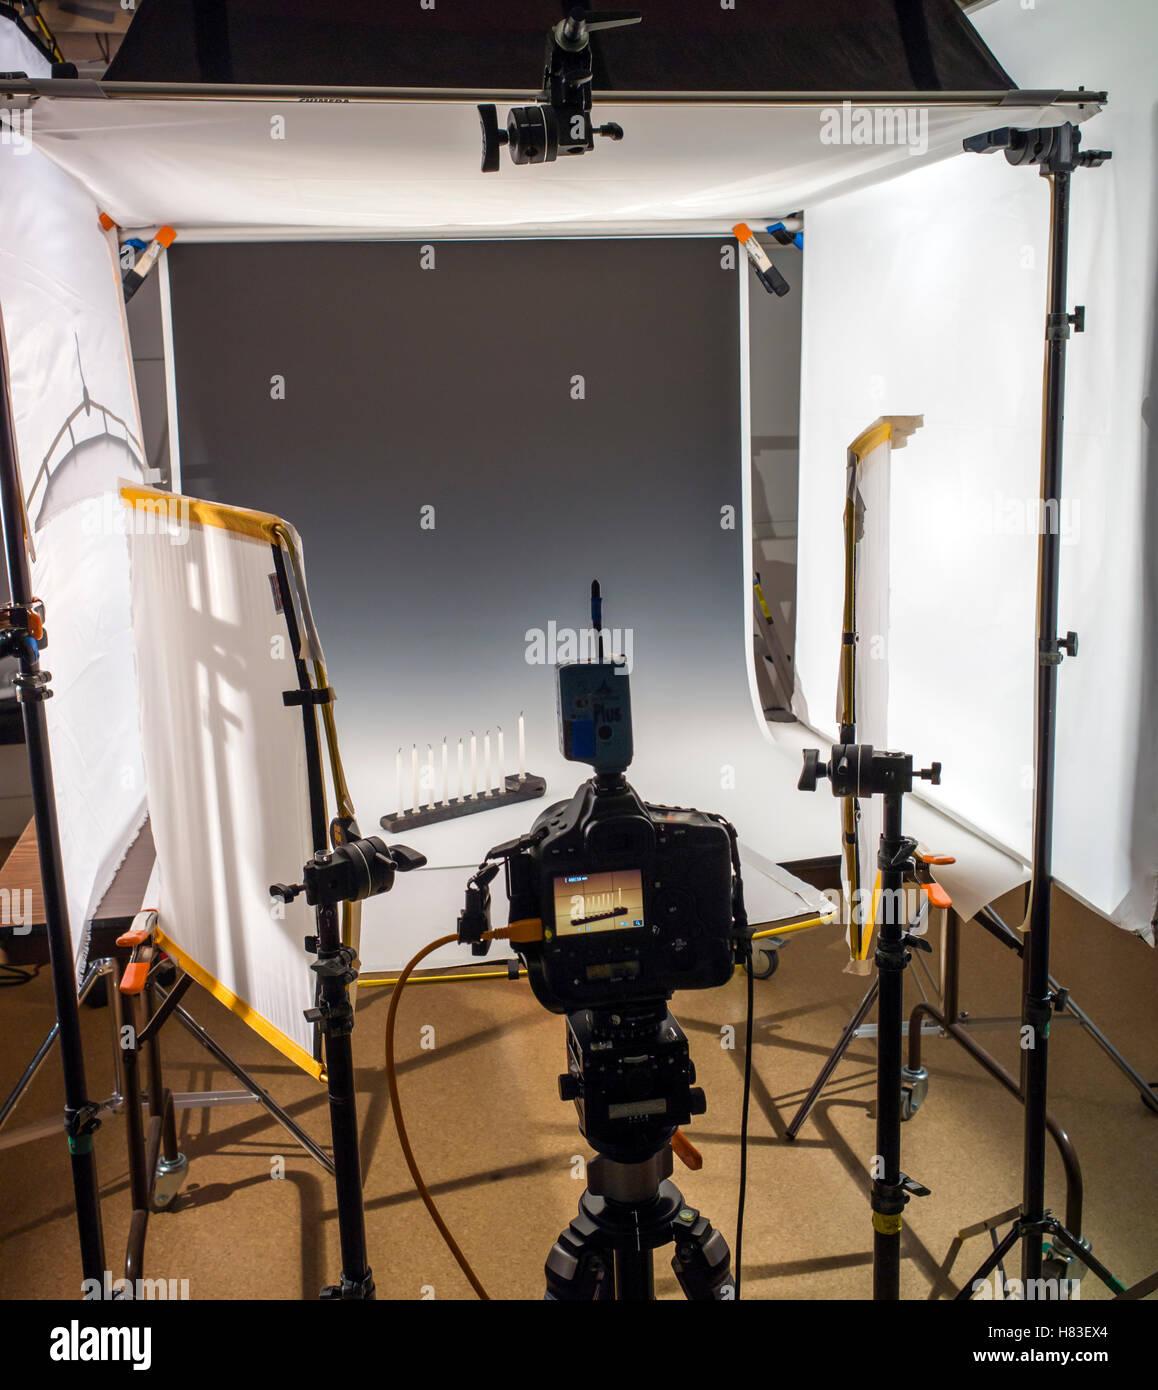 Illuminazione e attrezzatura fotografica in una fotografia commerciale studio. Immagini Stock